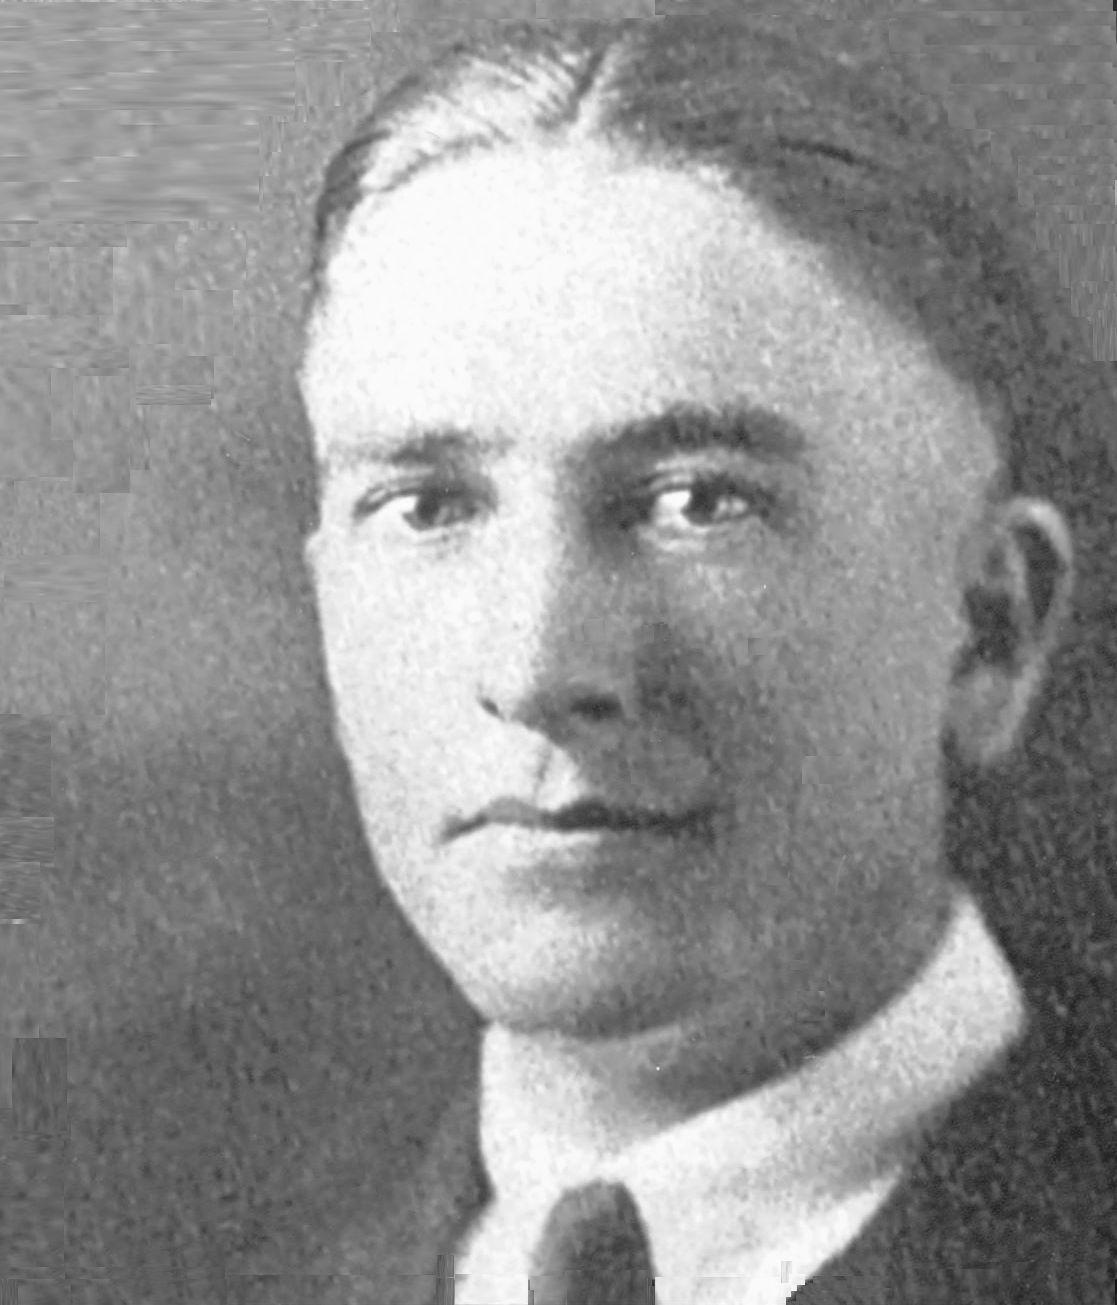 Anderson, Woodruff Hyrum